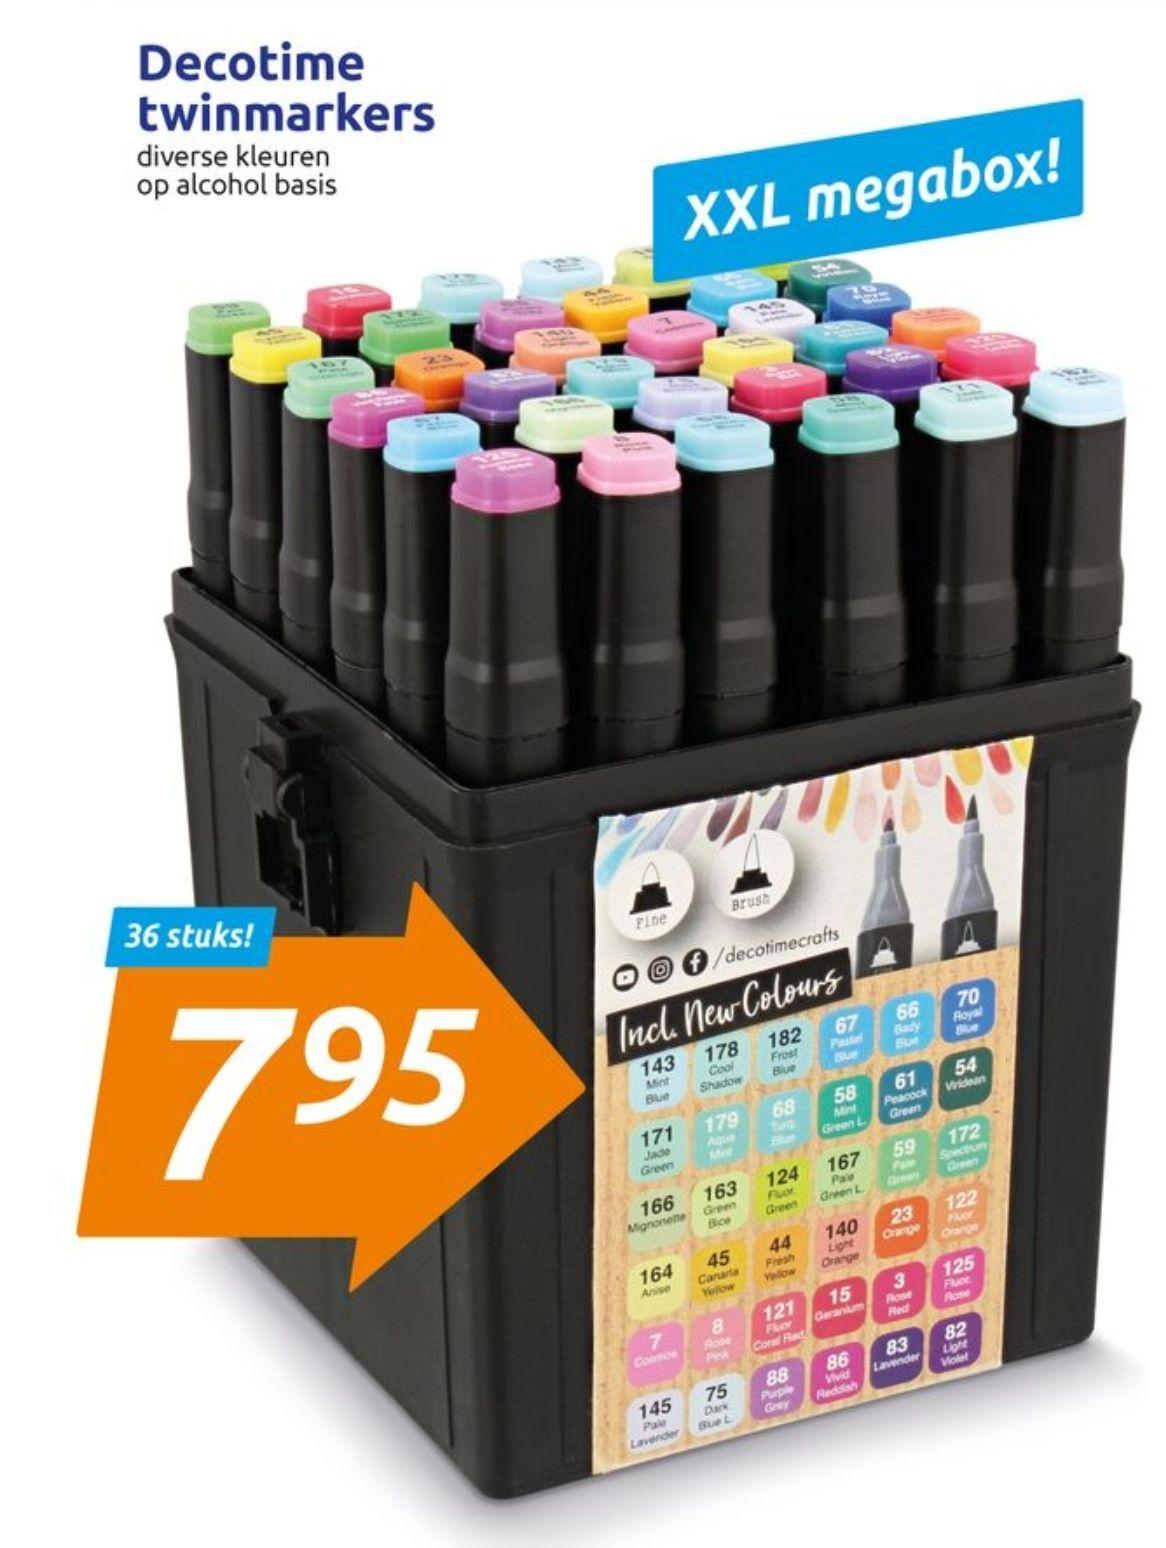 Decotime Twin Marker XXL Megabox (Action)